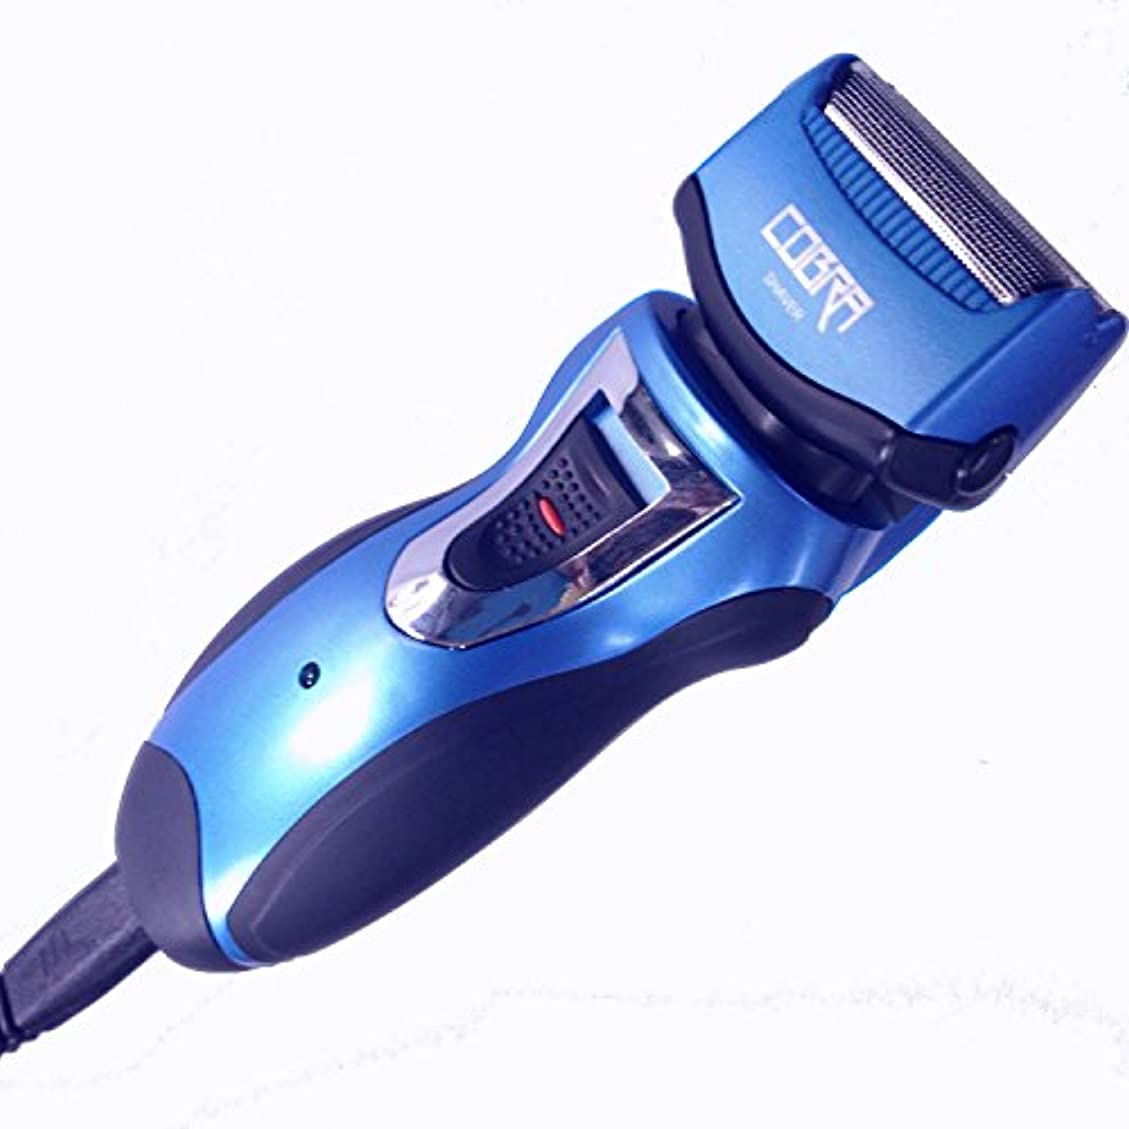 医師以下サラミRQ-720 充電式ひげそり器 ウォータープルーフ シェーバー コブラ 防水 水洗い可